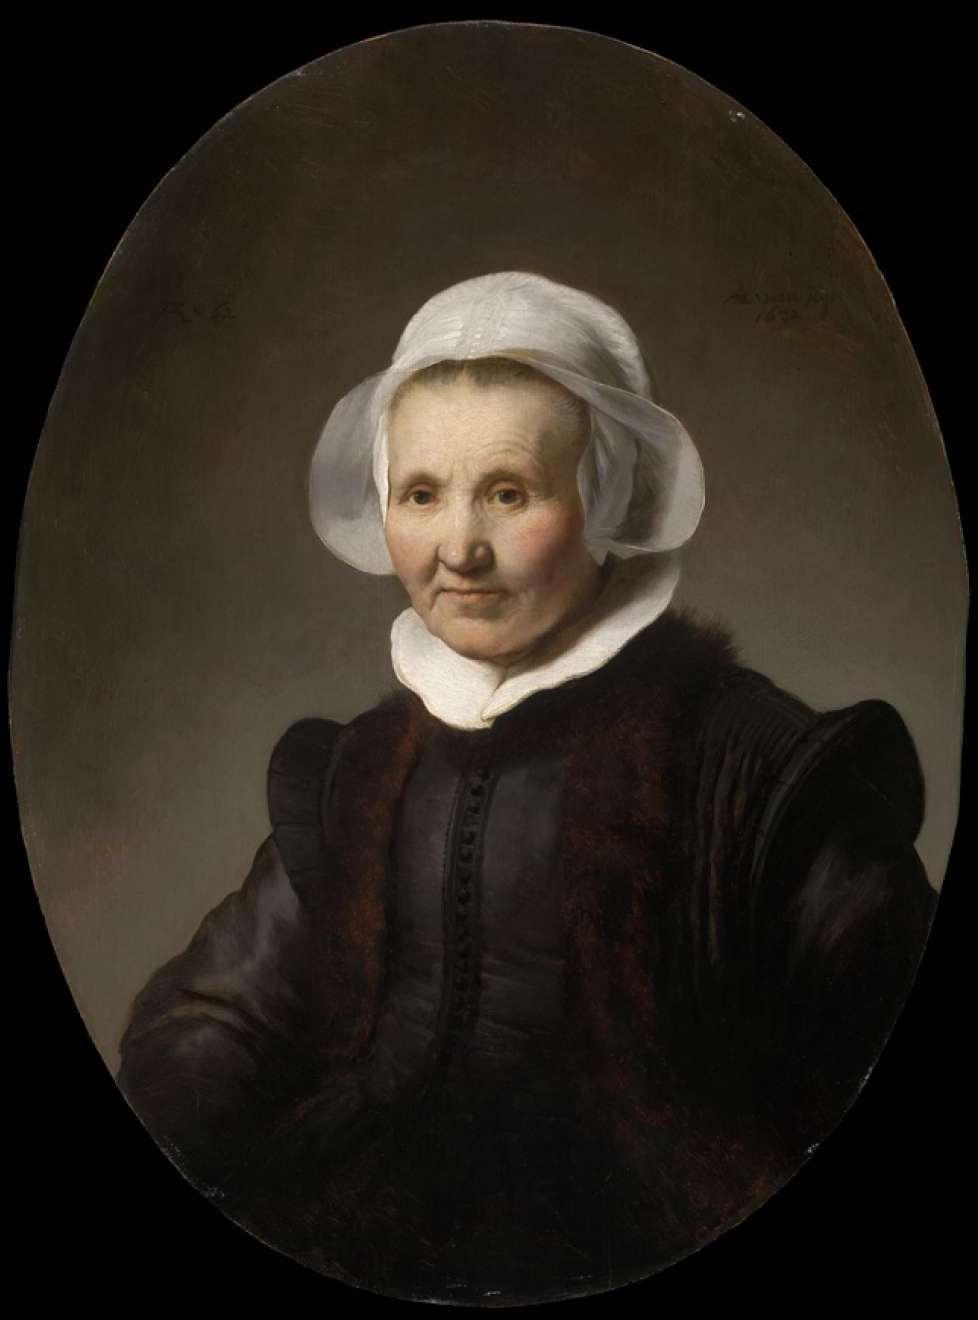 Rembrandt Harmenszoon van Rijn. Portrait of Aeltje Pietersdr. Uylenburgh